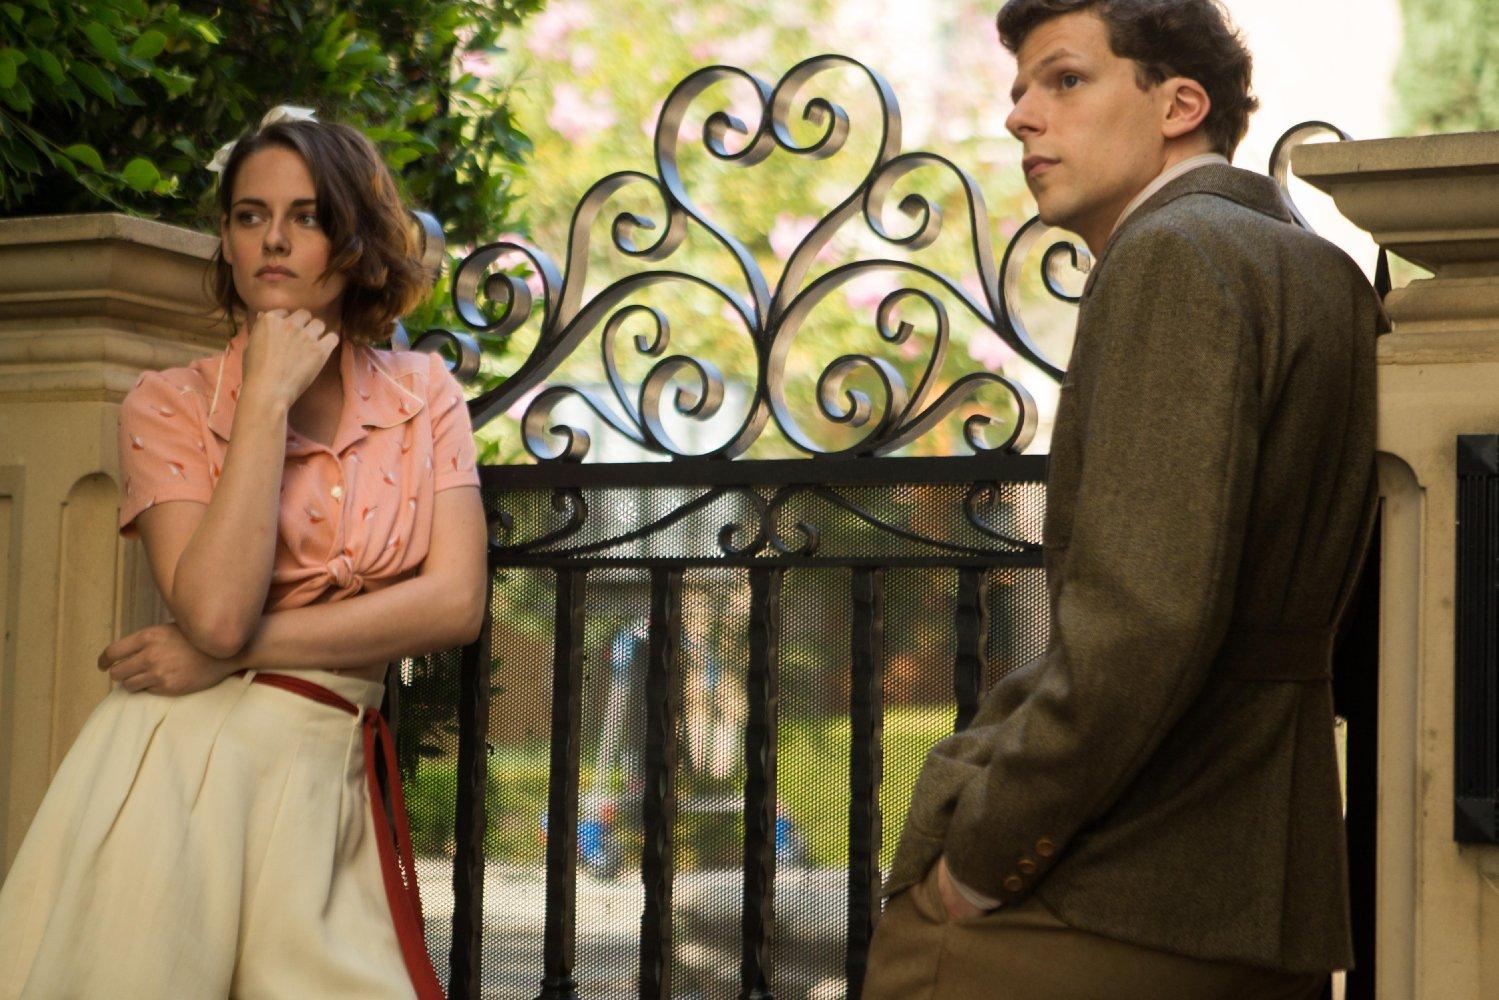 Em Hollywood, os apaixonados Vonnie (Stewart) e Bobby (Eisenberg) Reprodução/Film Nation Entertainment)